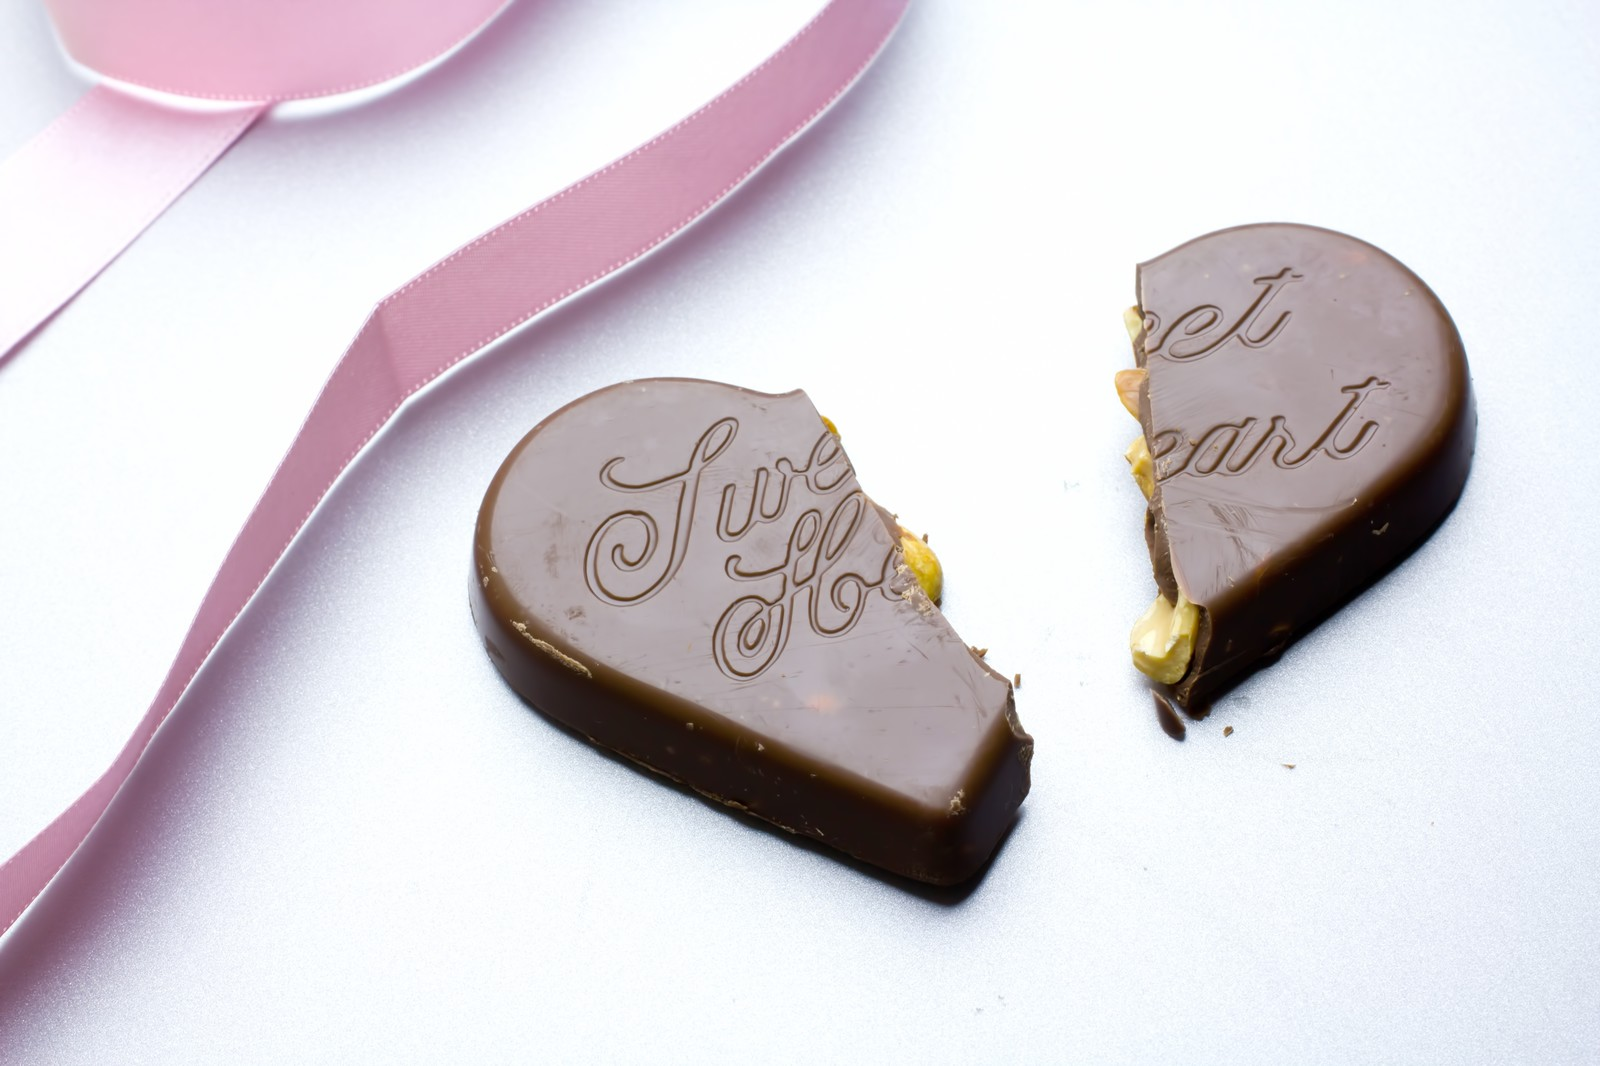 「真っ二つに割れたハートのチョコレートとリボン」の写真